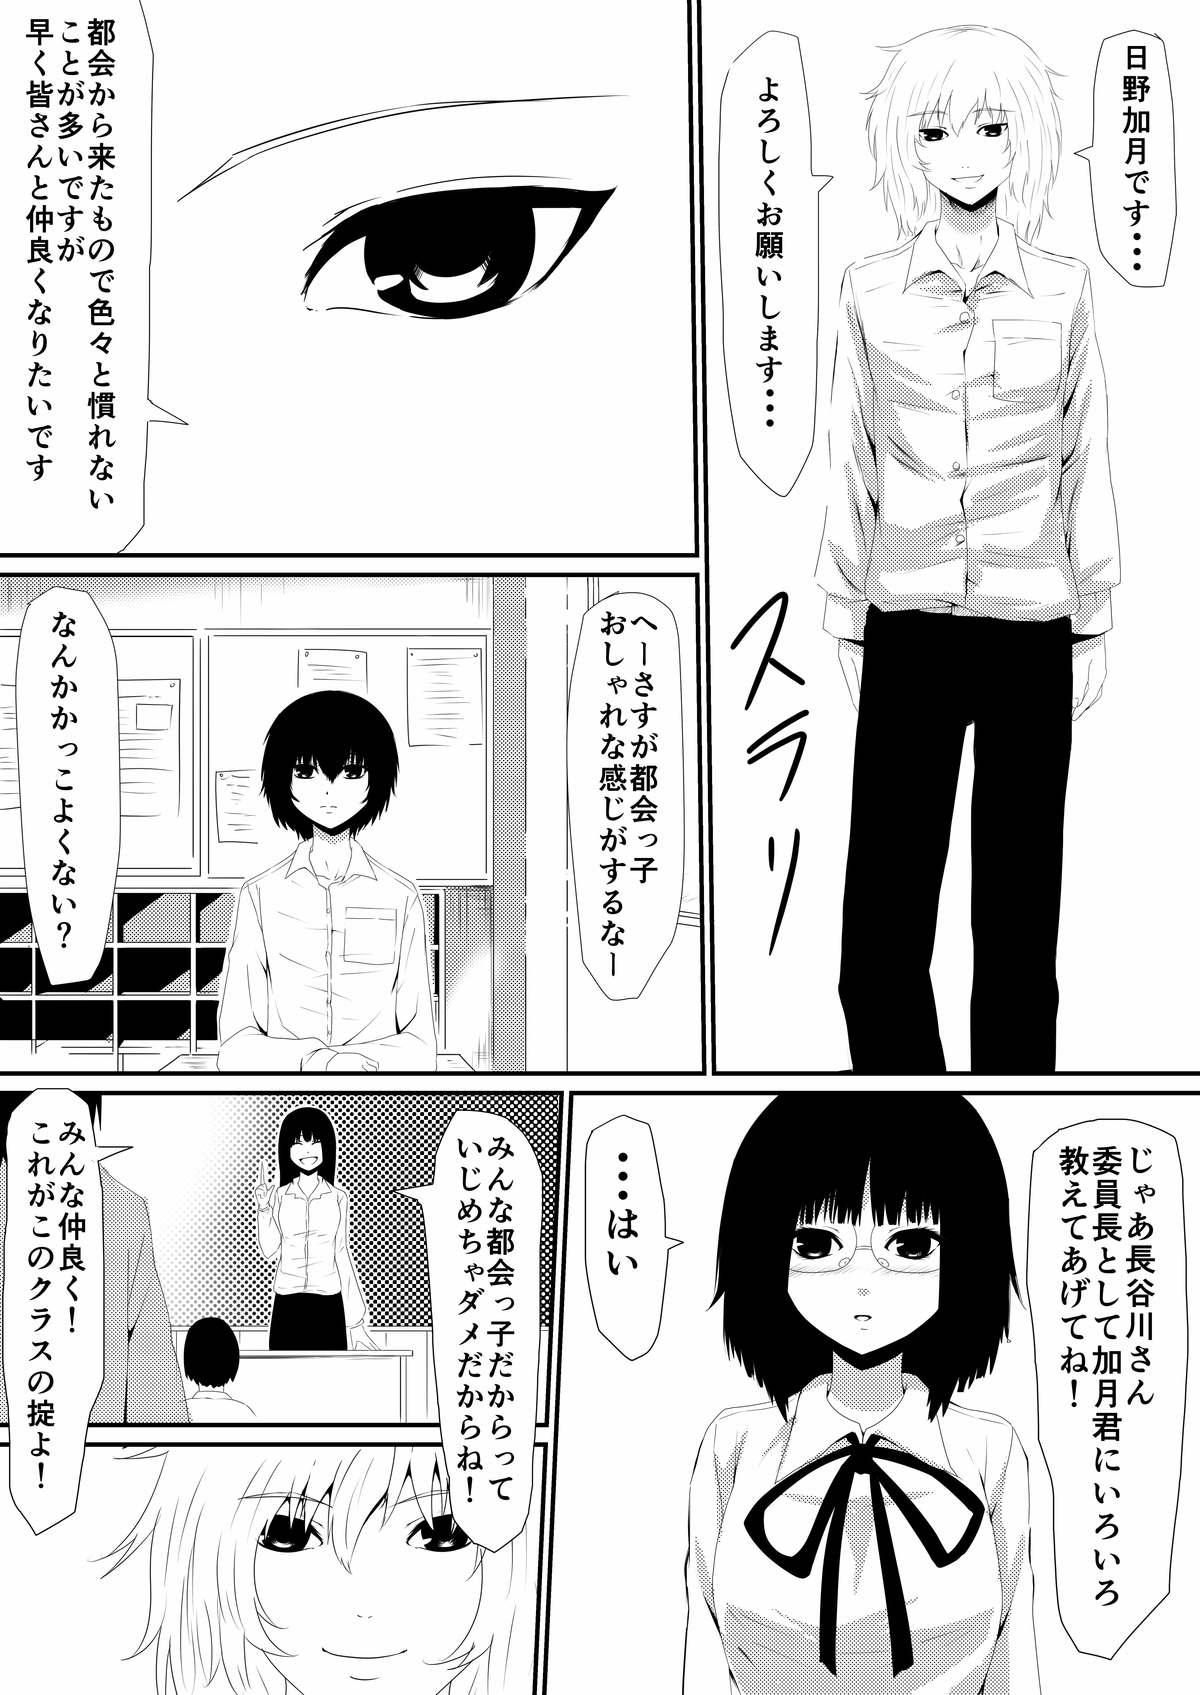 [Mikezoutei] Mashou no Chinko o Motsu Shounen ~Kare no Dankon wa Josei o Mesu e to Kaeru~ Zenpen 4